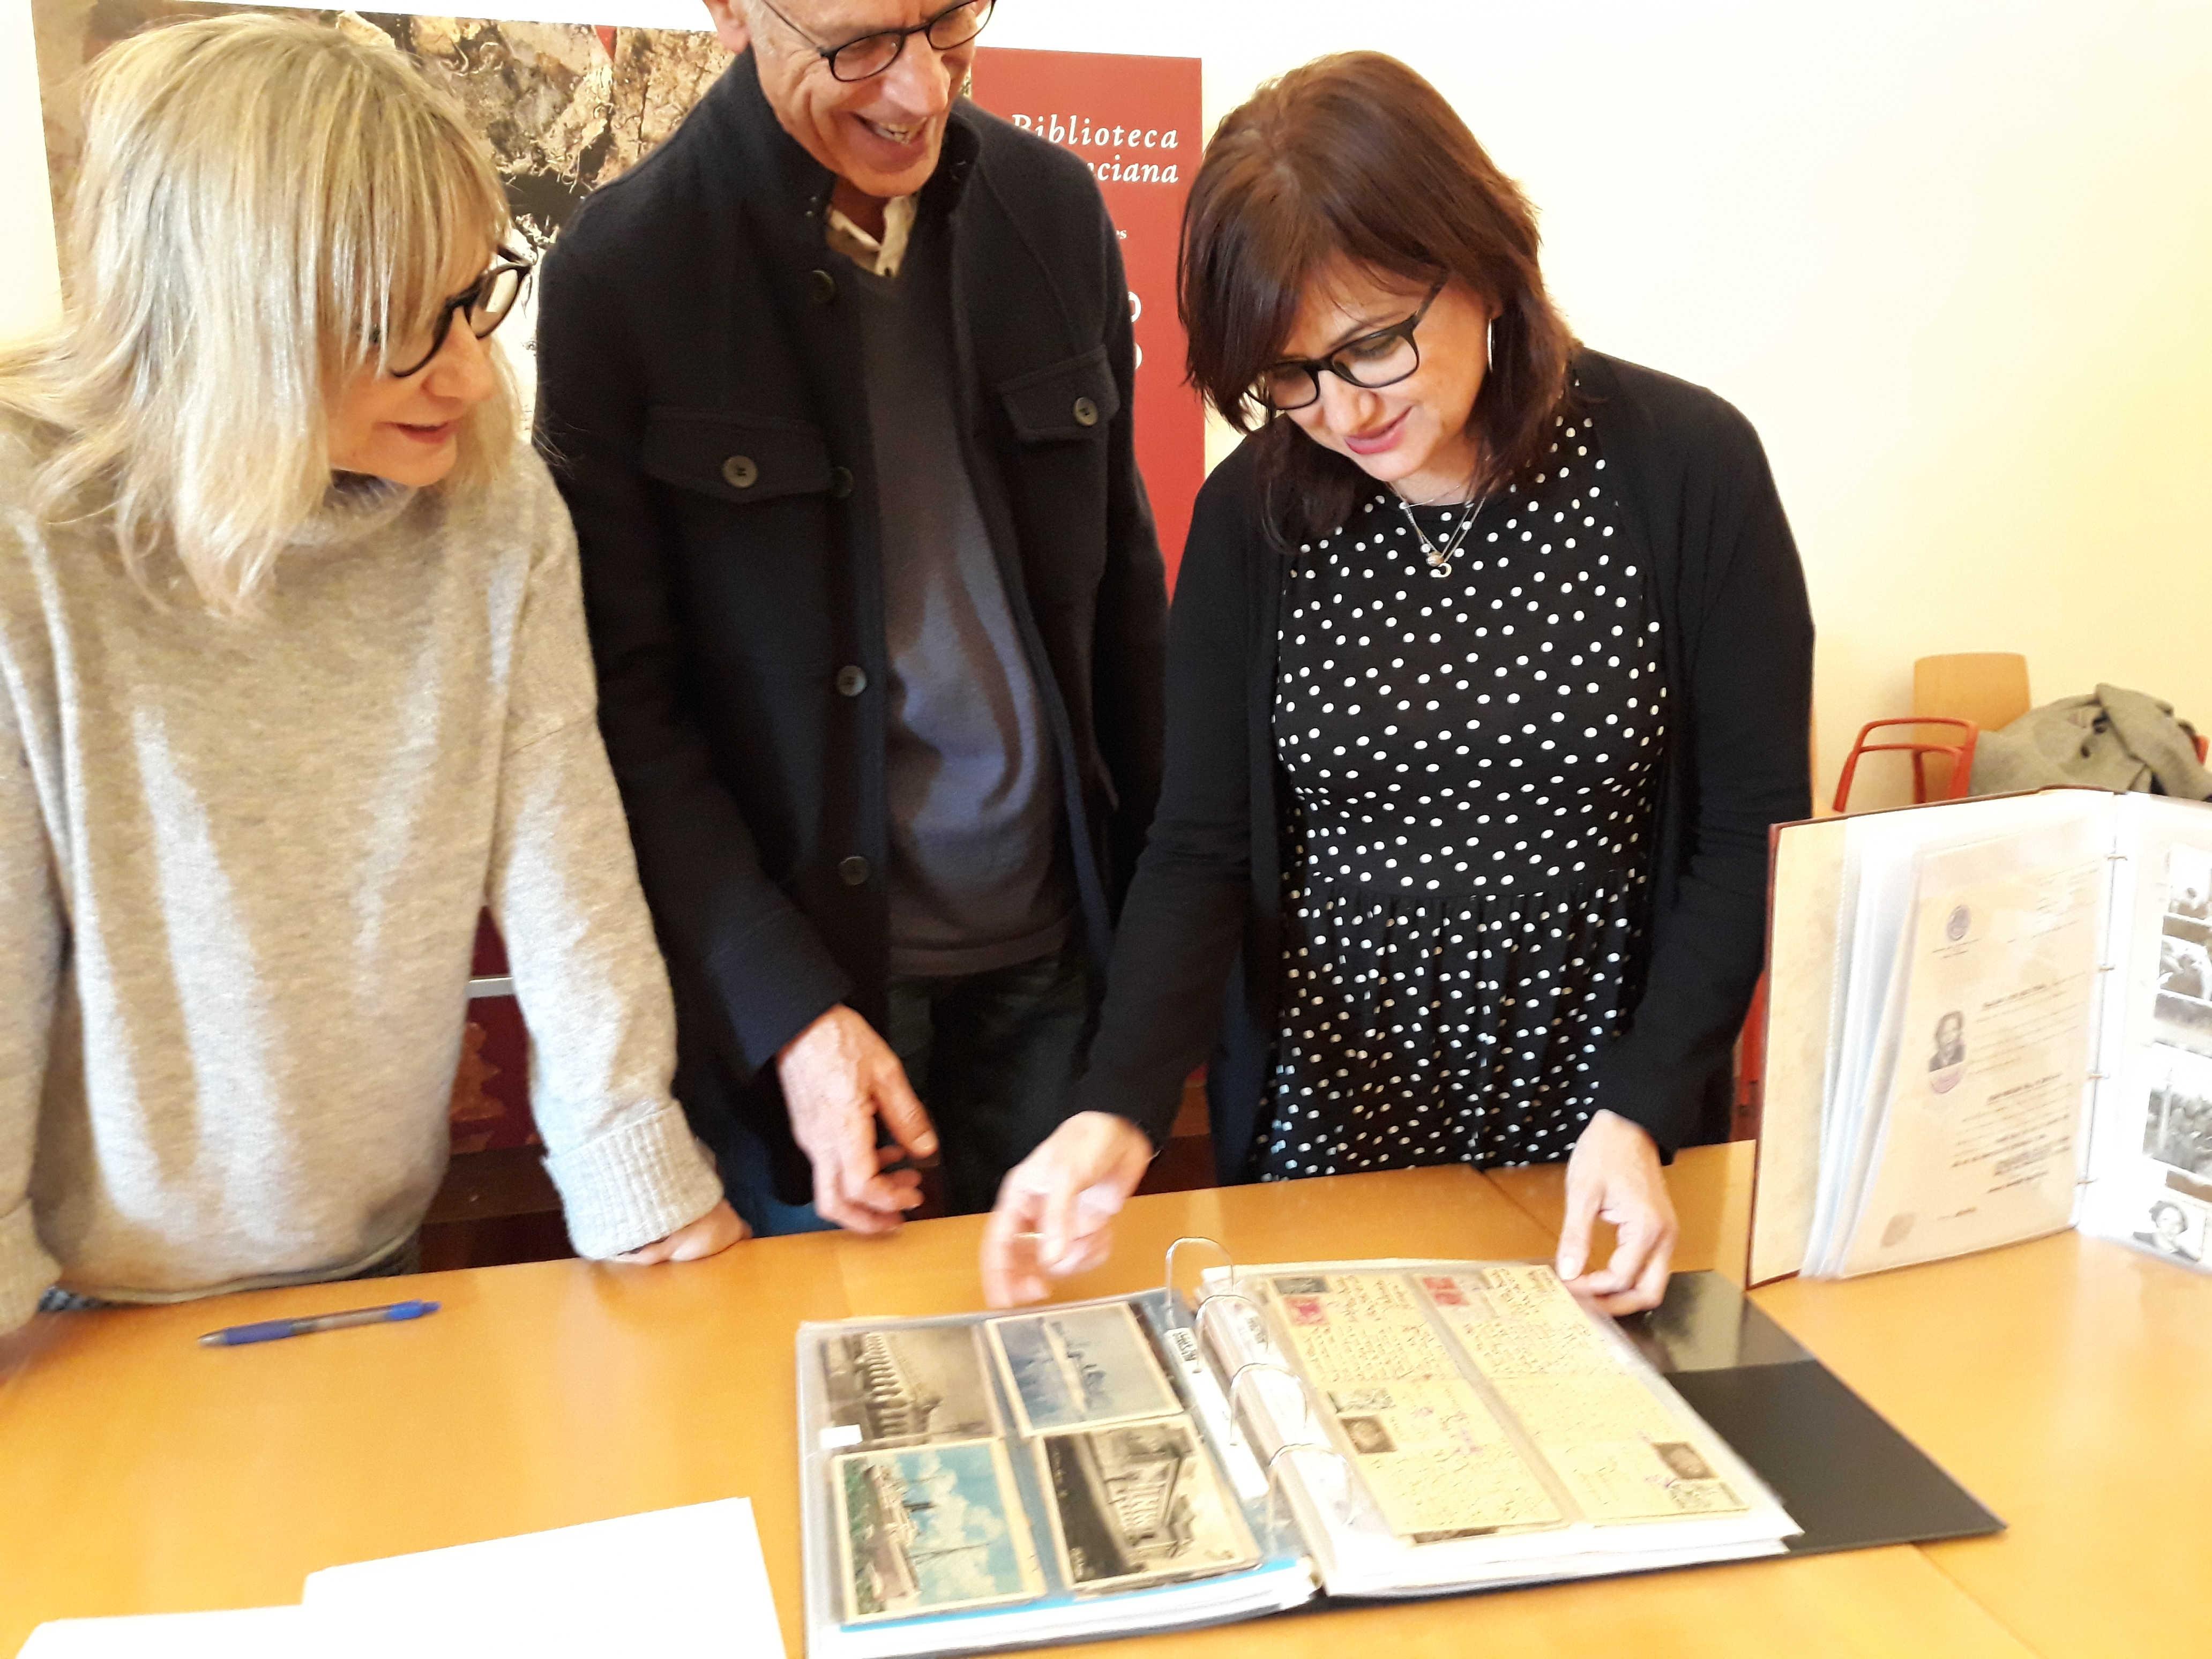 La Biblioteca Valenciana recibe el archivo de Francesc Bosch i Morata y Pilar Trenzano